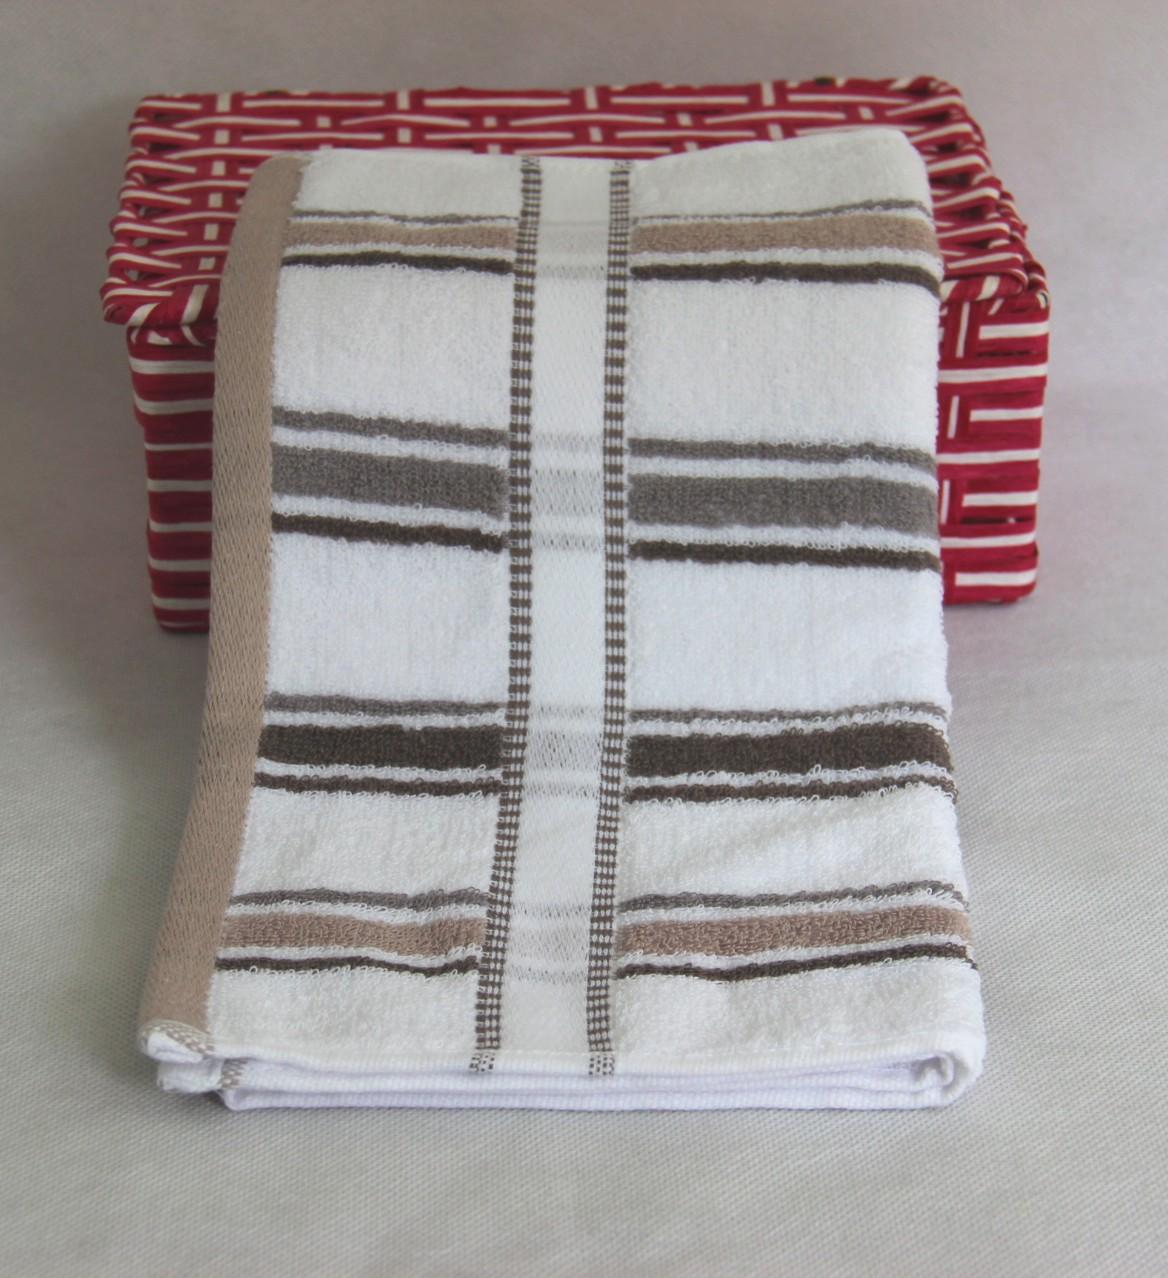 洁丽雅厂家新款钥匙纯棉出售价直销公斤米奇毛巾图片